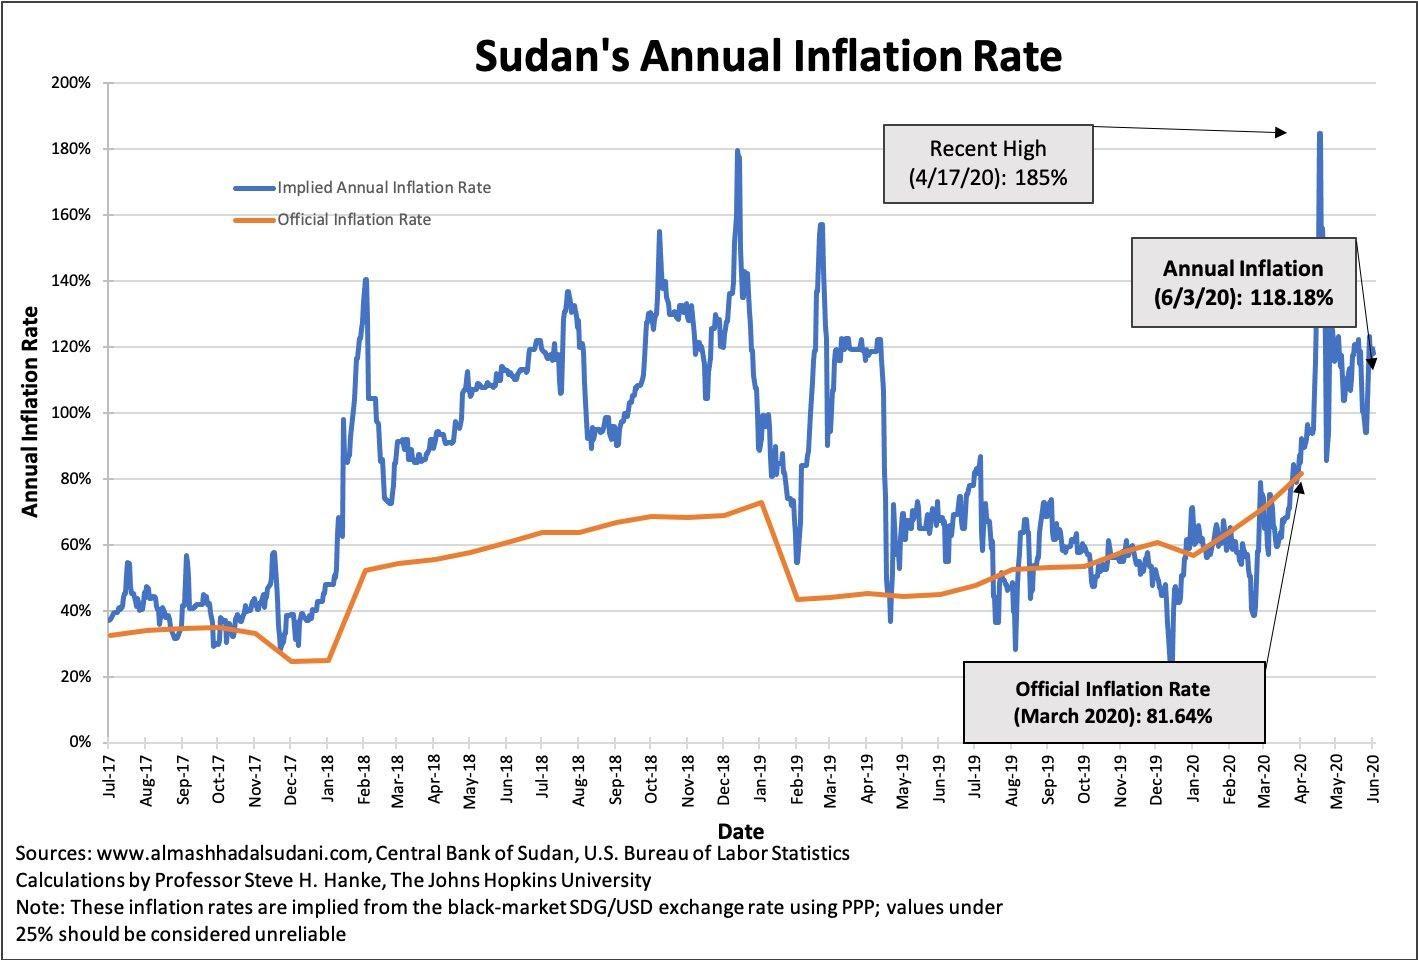 Le taux d'inflation au Soudan est en augmentation constante depuis 2017, le taux annuel atteignant plus de 118% en mars 2020.